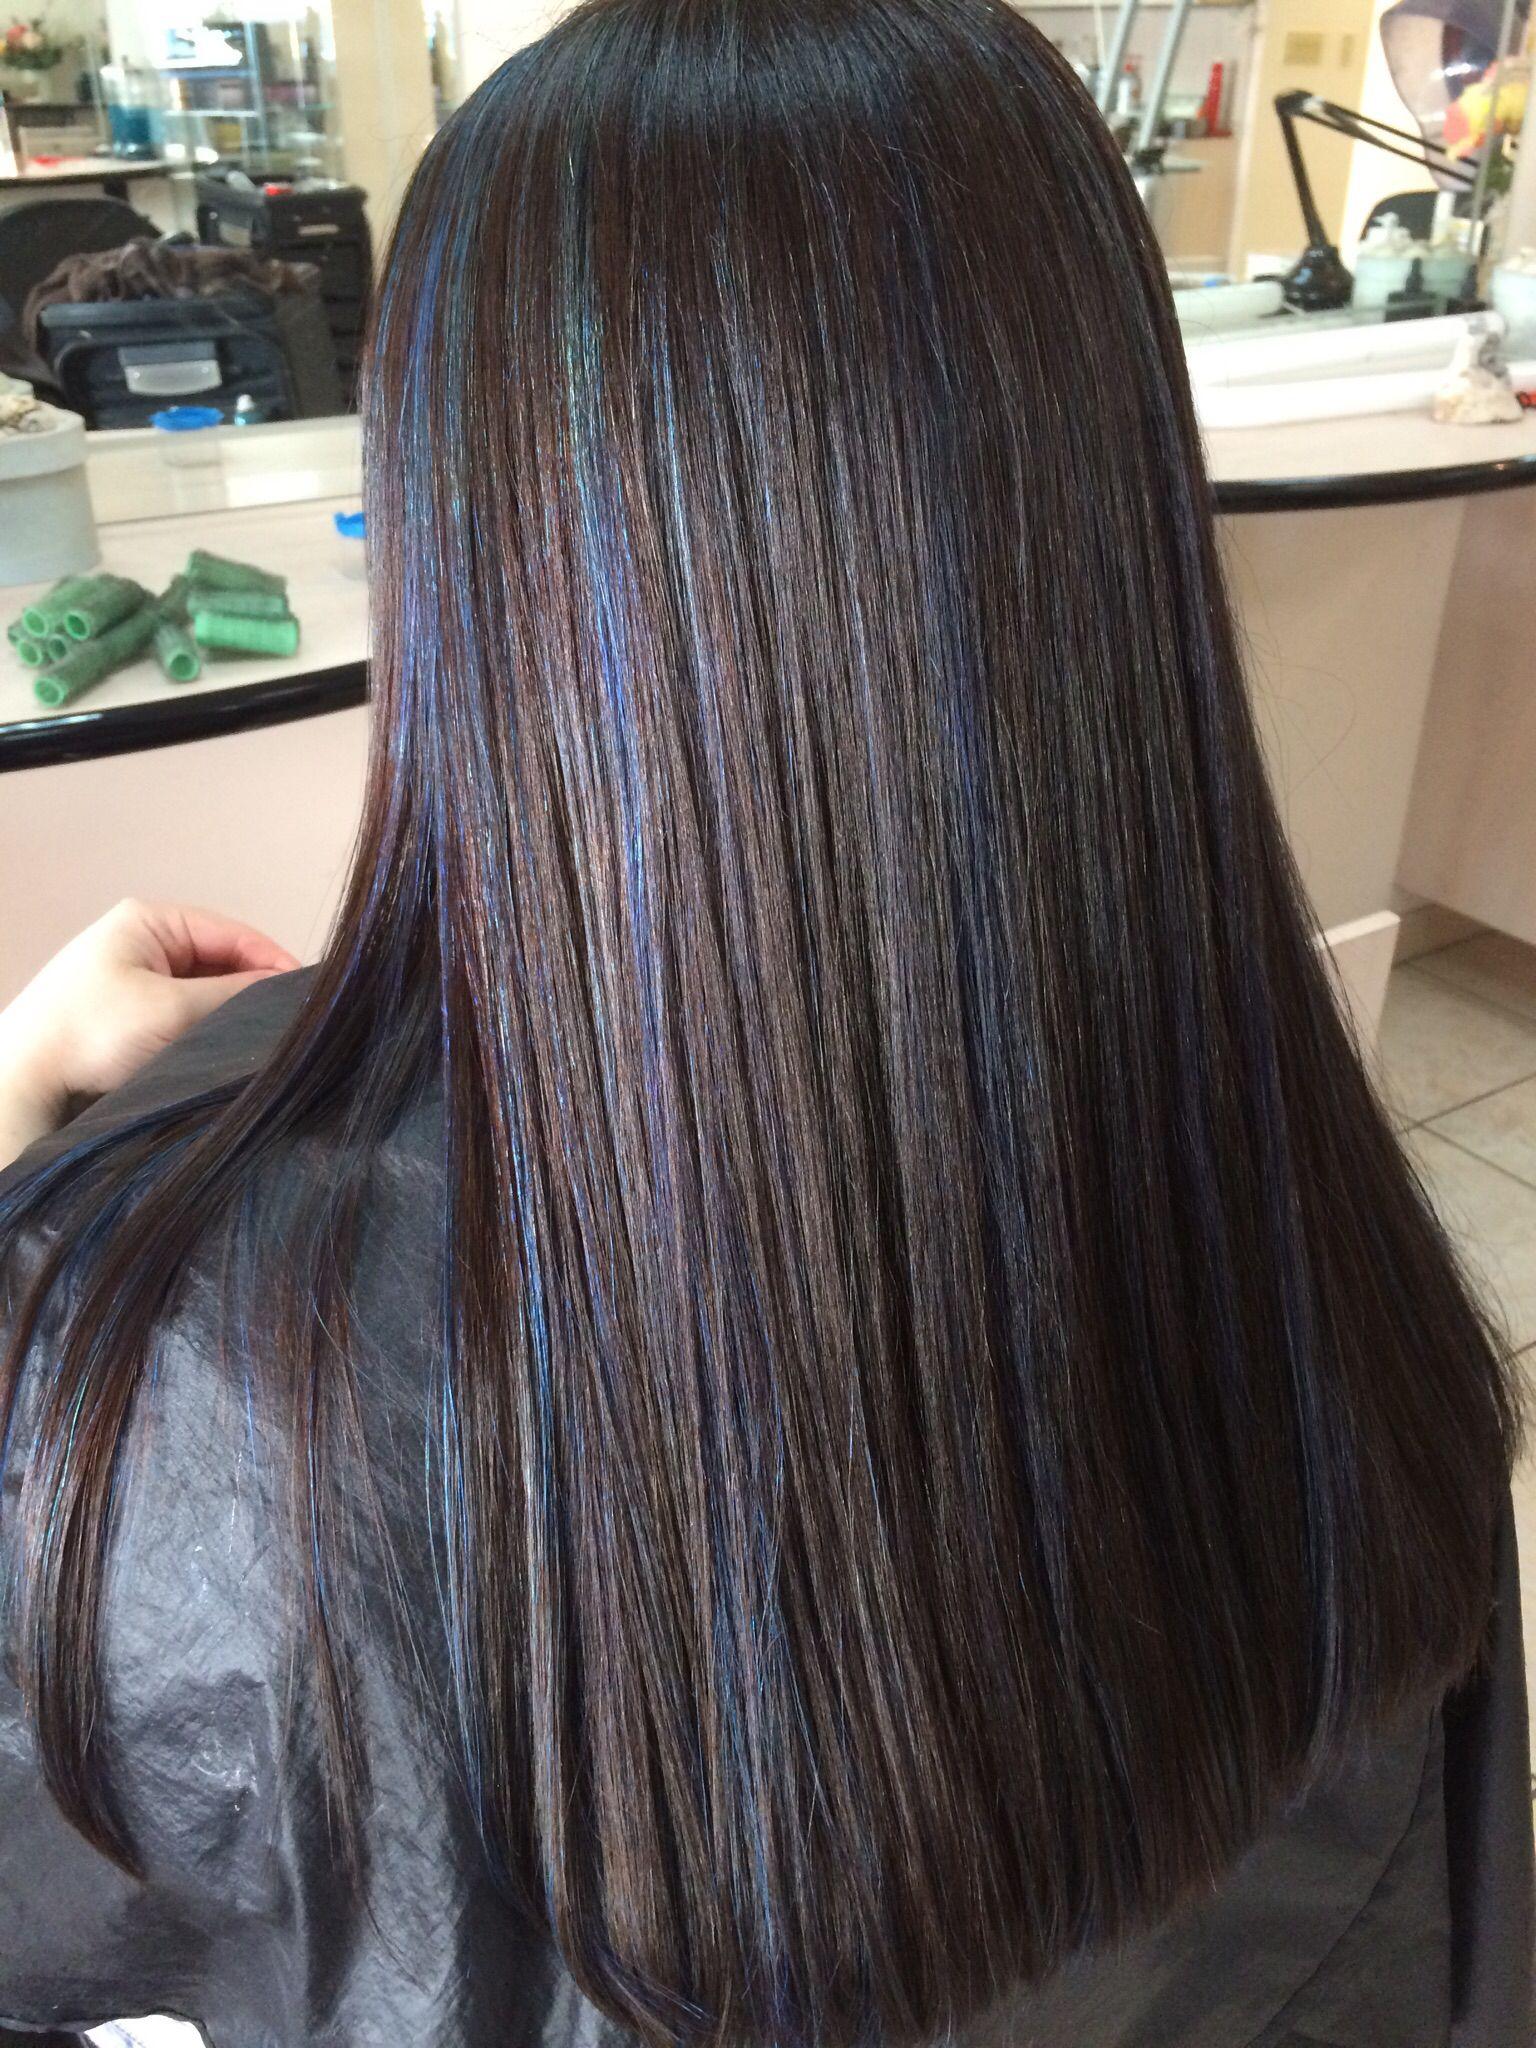 Dark Brown Hair With Blue Highlights Hair Ideas